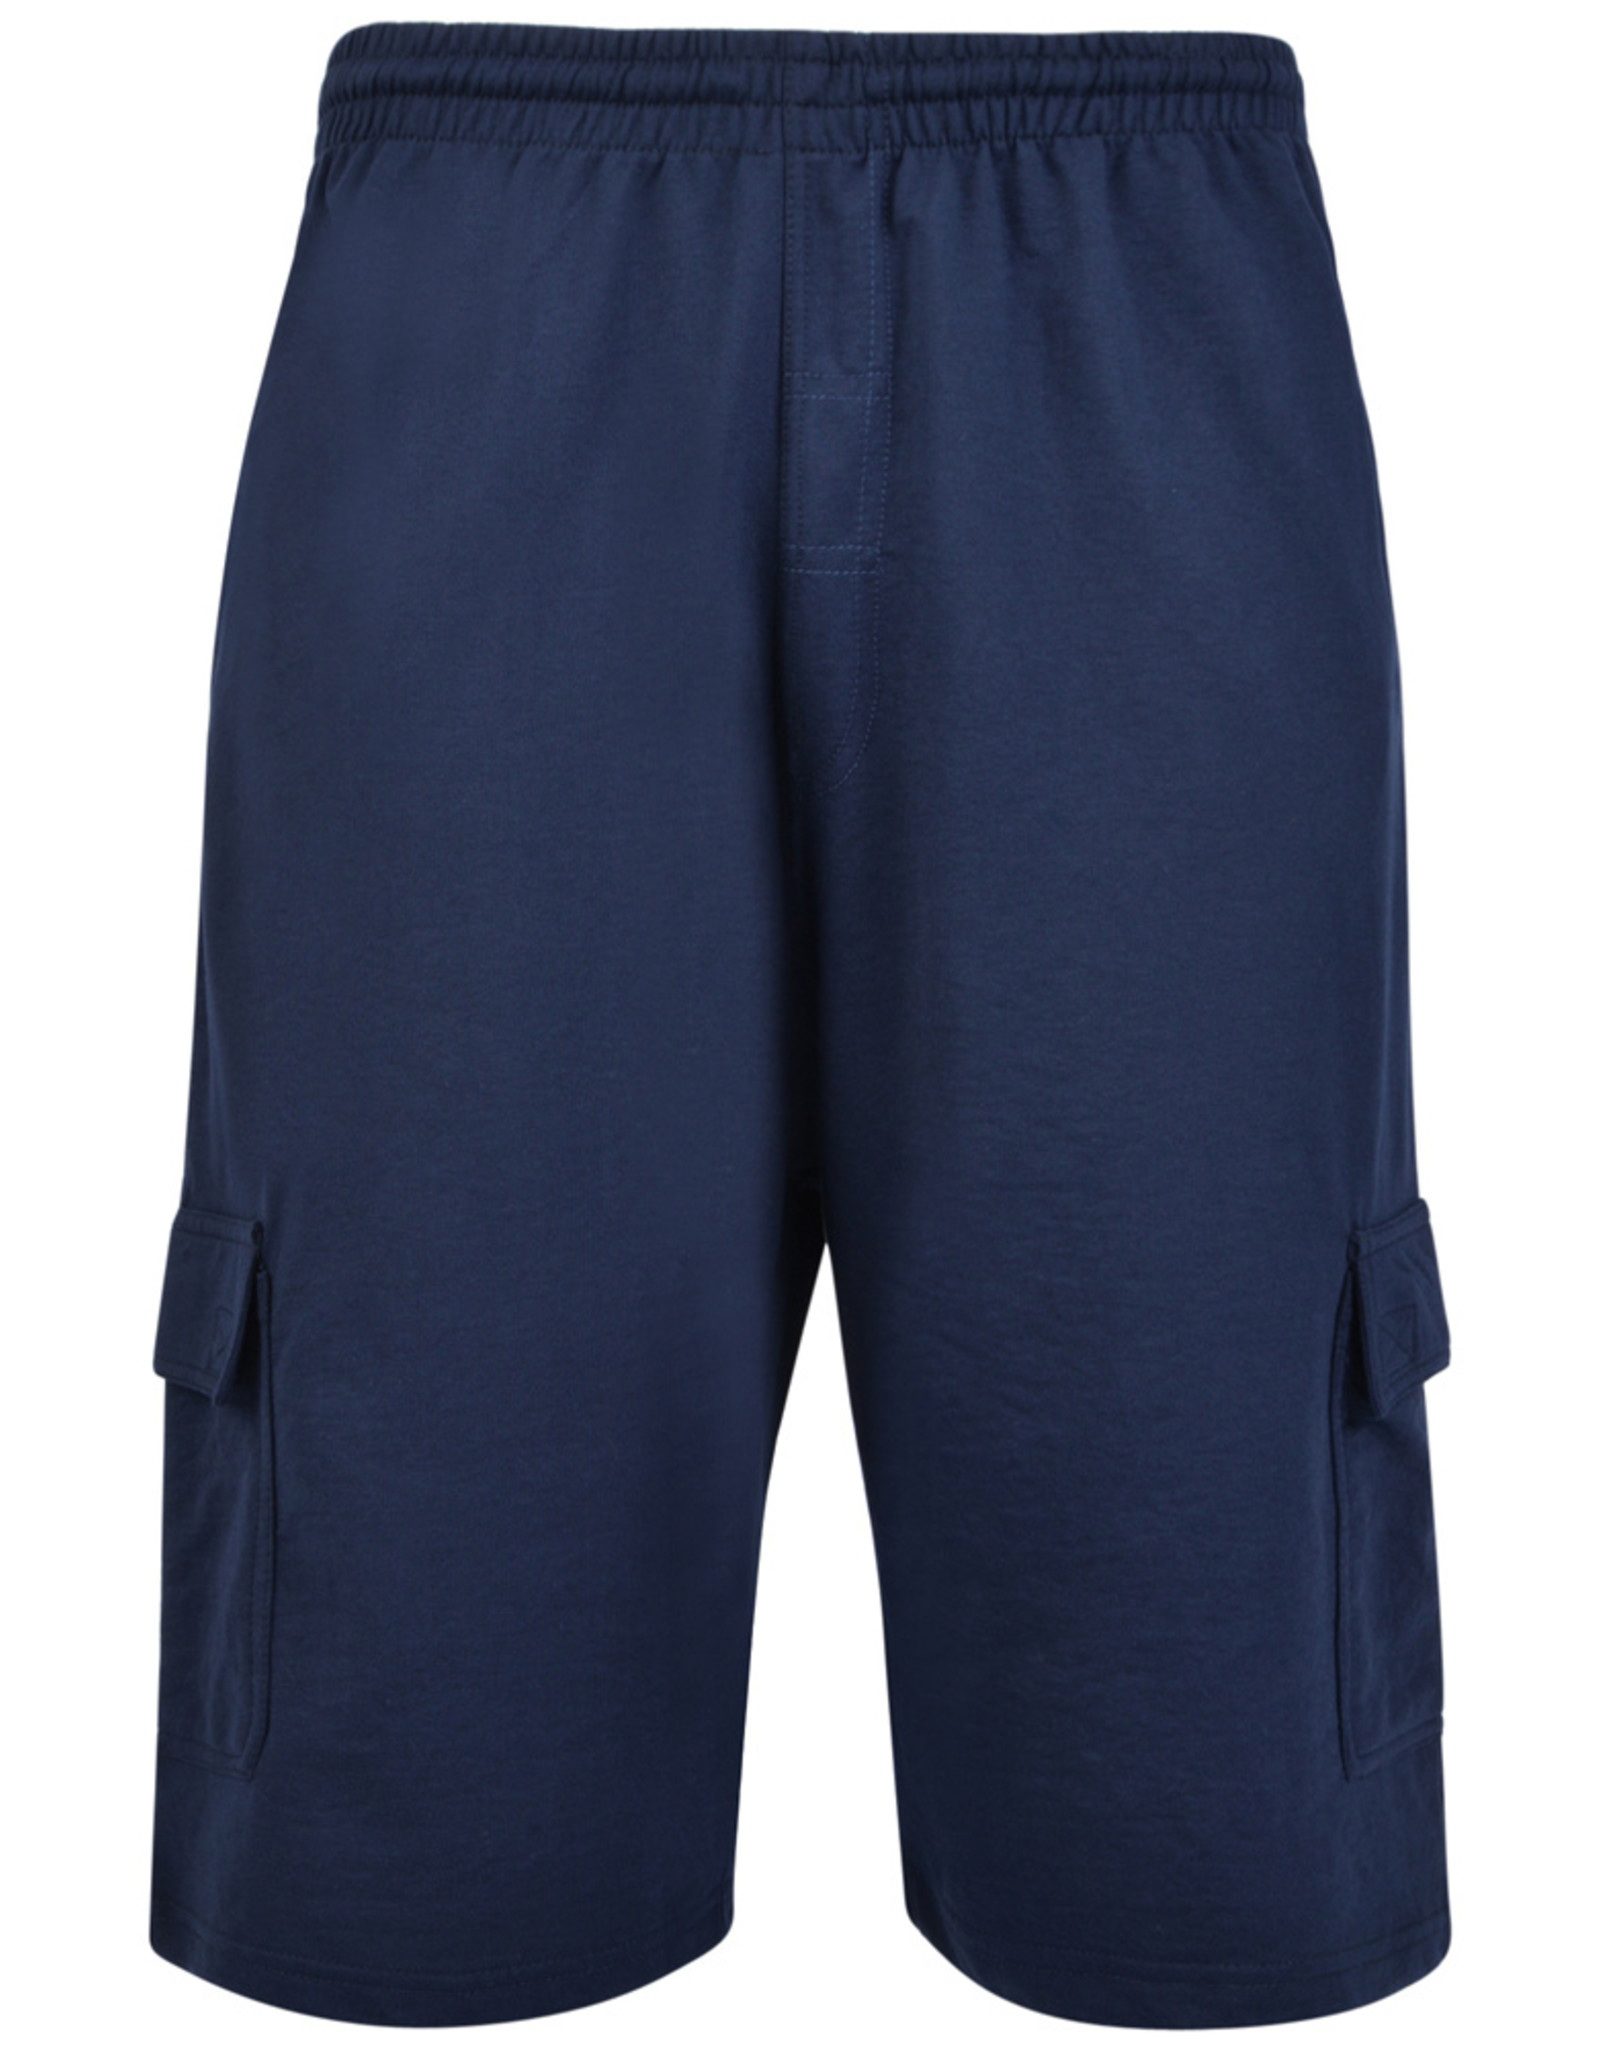 Kam Jeans Basic JOGGING / VRIJETIJDS SHORT navy